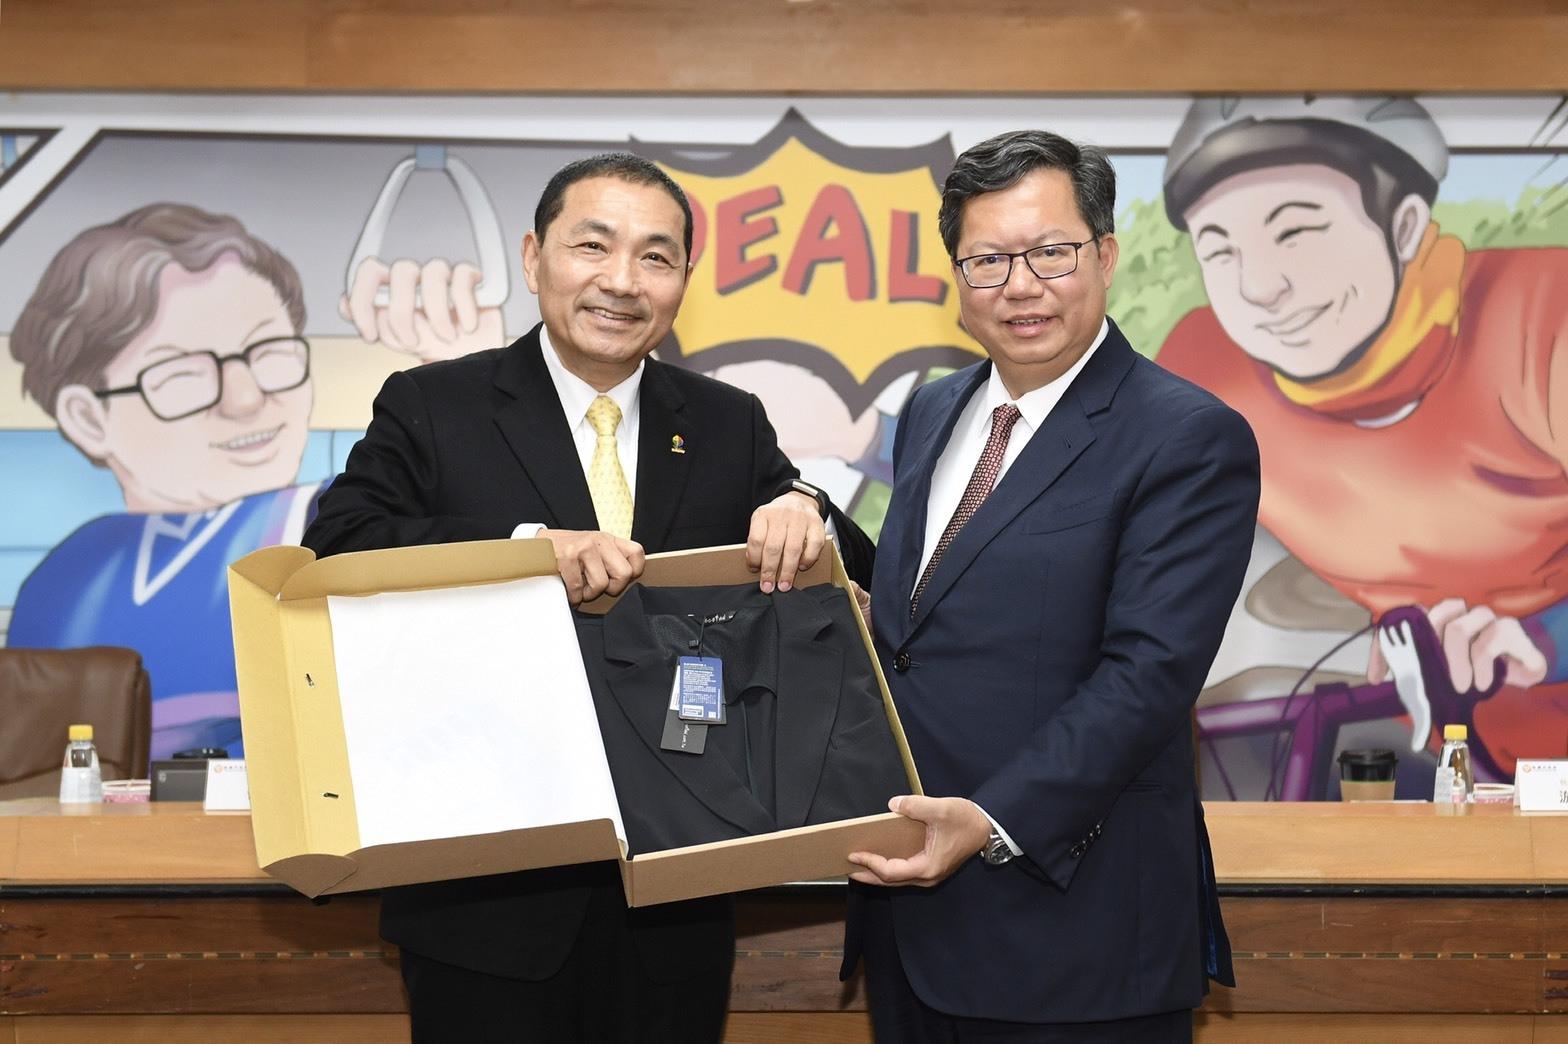 新北市長侯友宜回贈鄭市長咖啡渣製作的多功能西裝